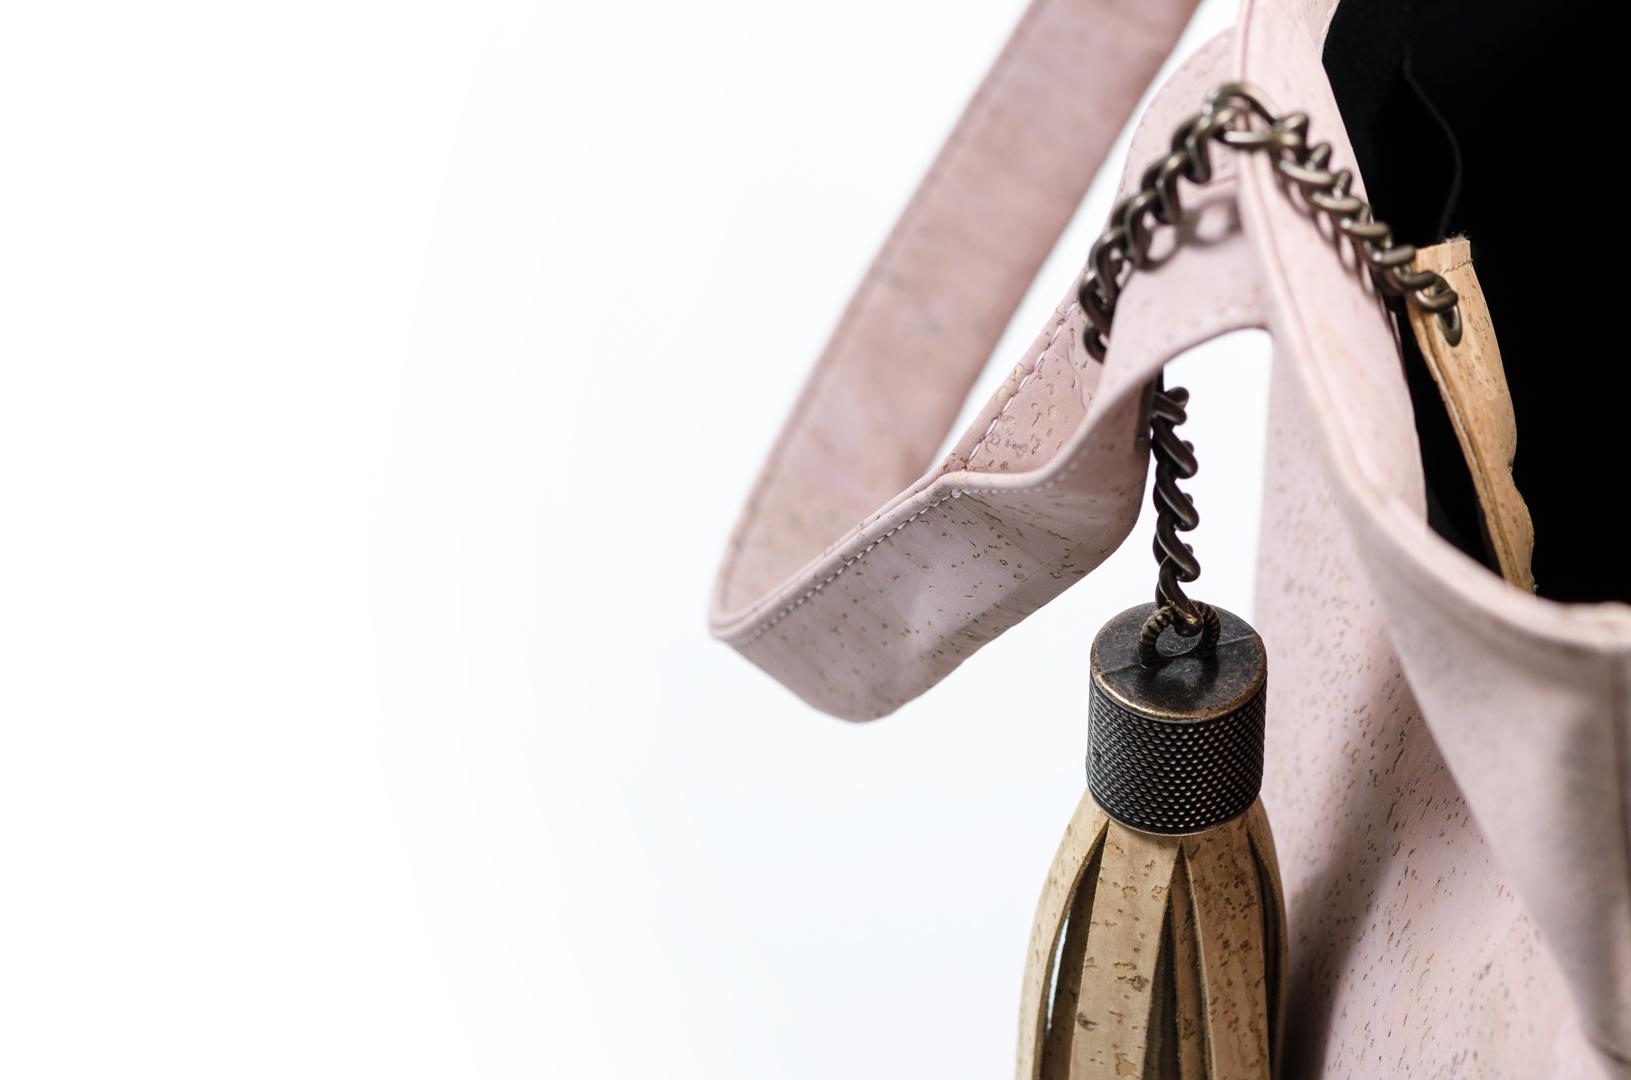 Korktasche, Kork Tasche Tassel, Nature Cork \ Dusty Pink, editorial